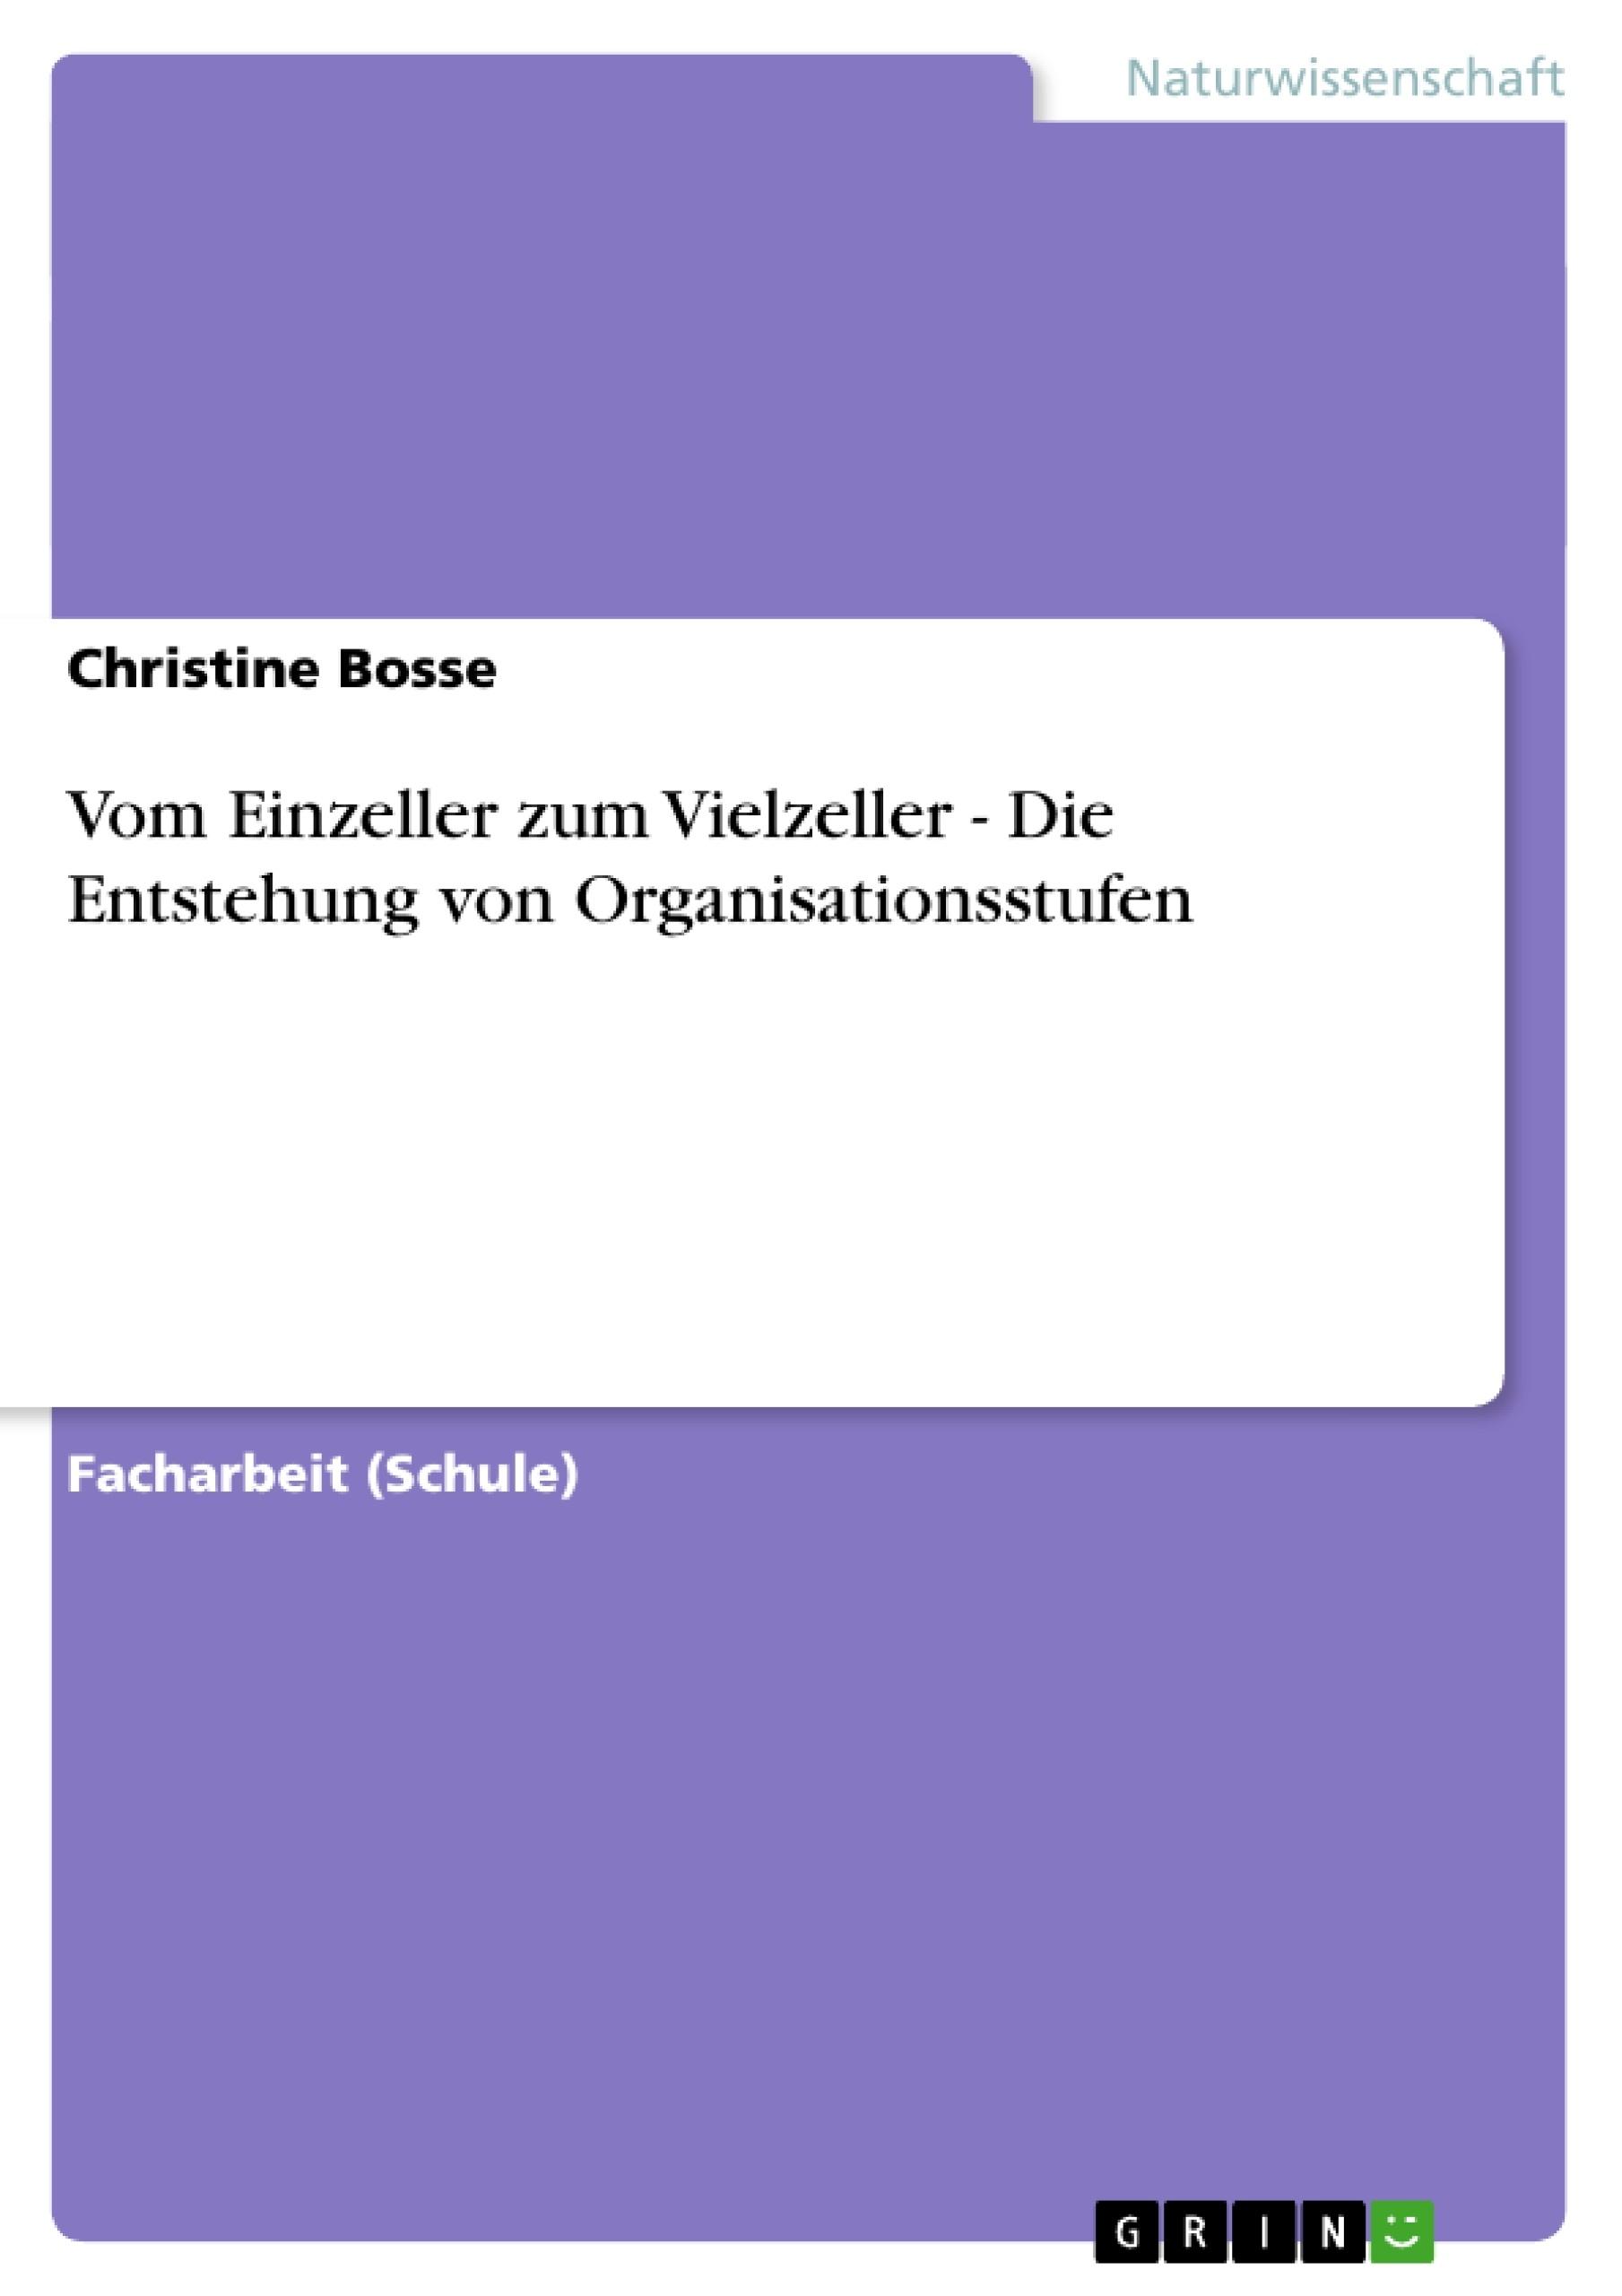 Titel: Vom Einzeller zum Vielzeller - Die Entstehung von Organisationsstufen